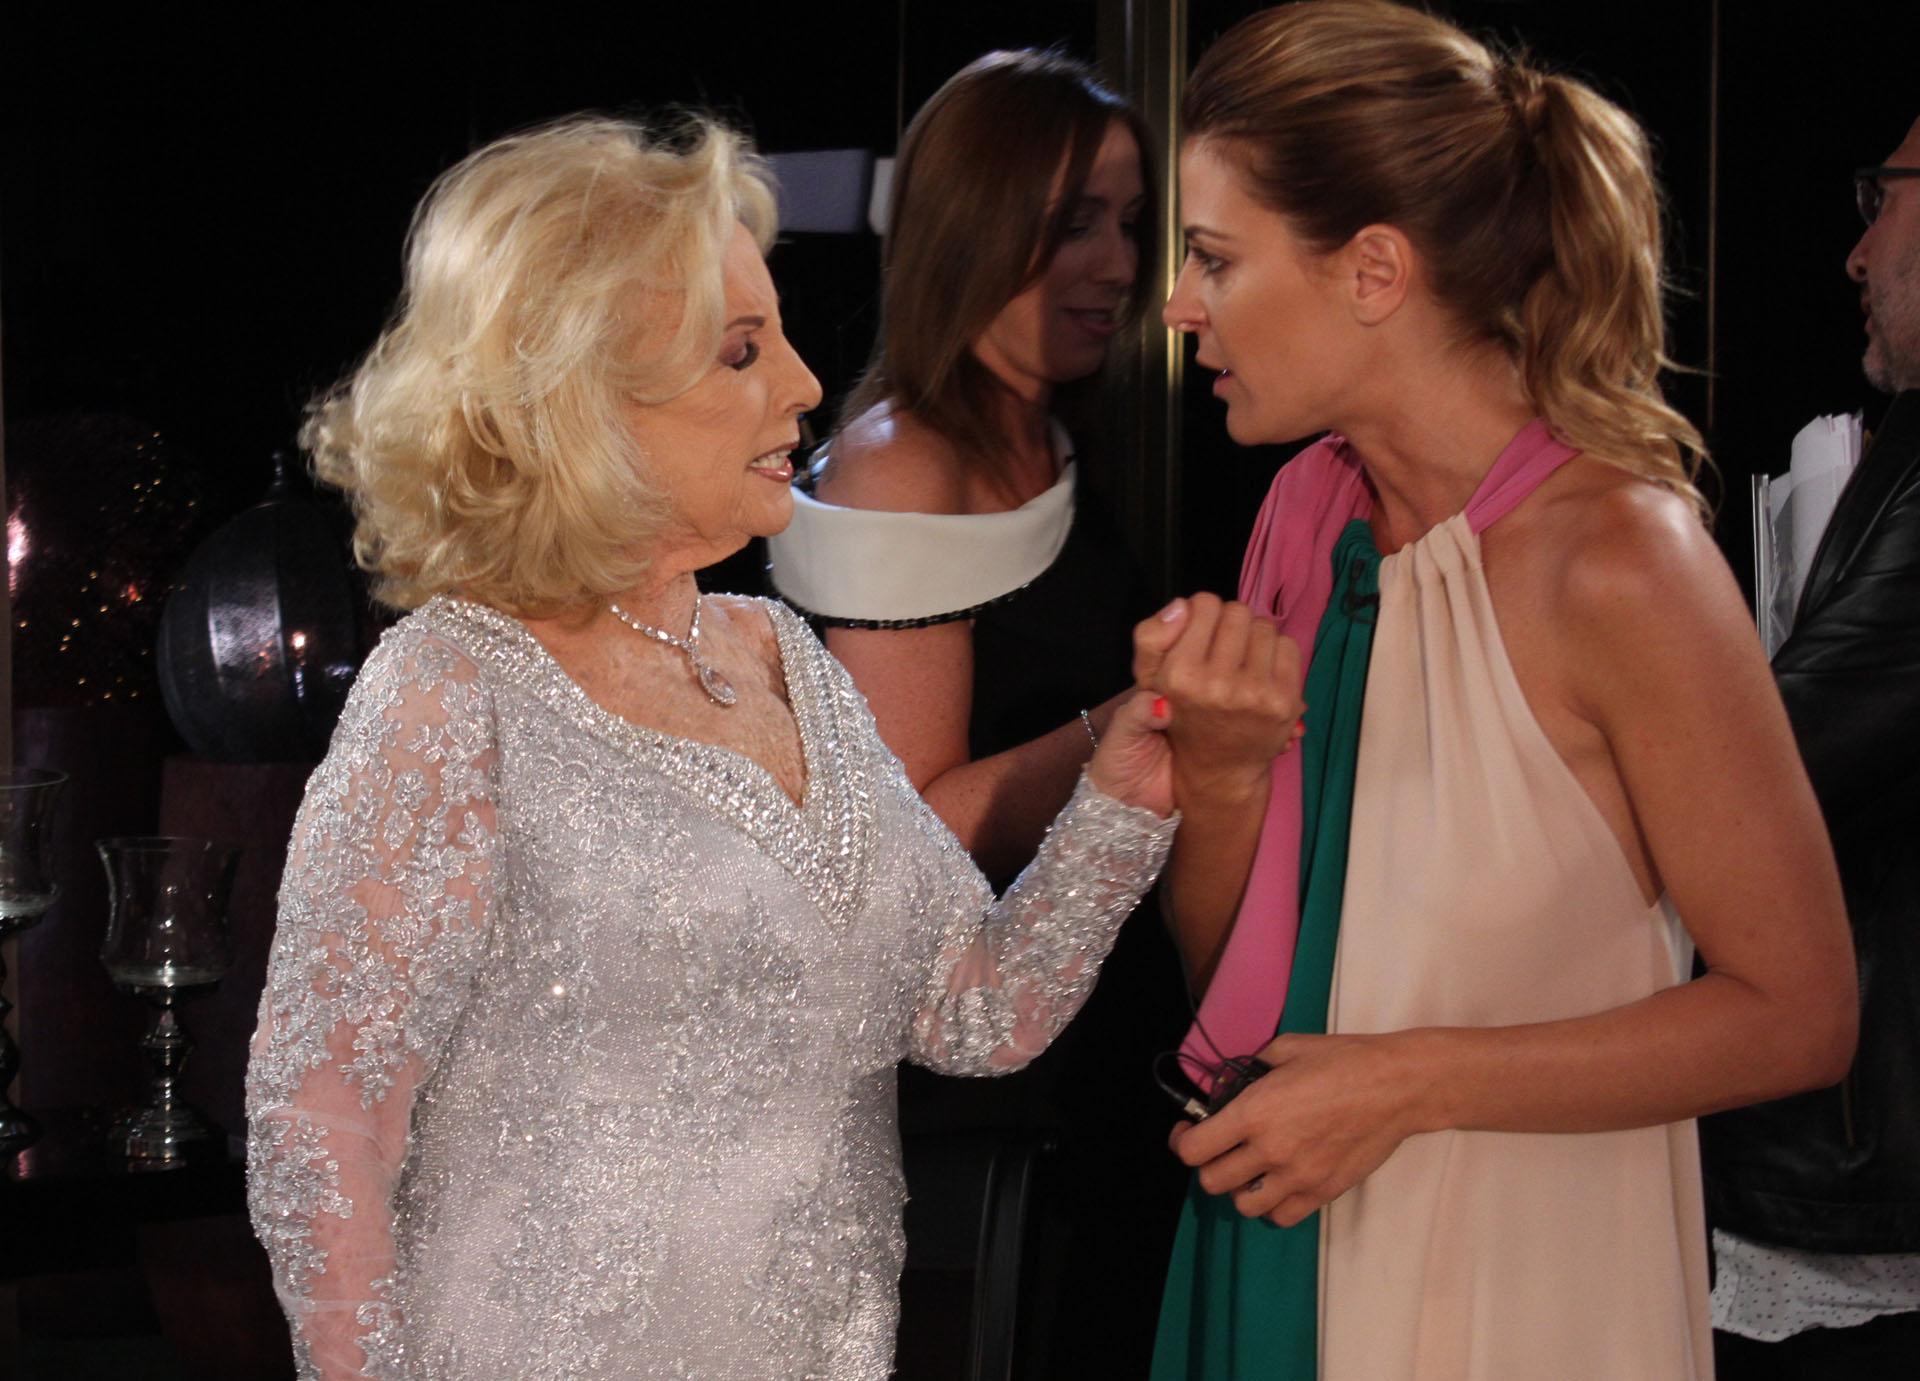 Mirtha y Eugenia se quedaron charlando unos minutos, muy interesadas, luego del programa